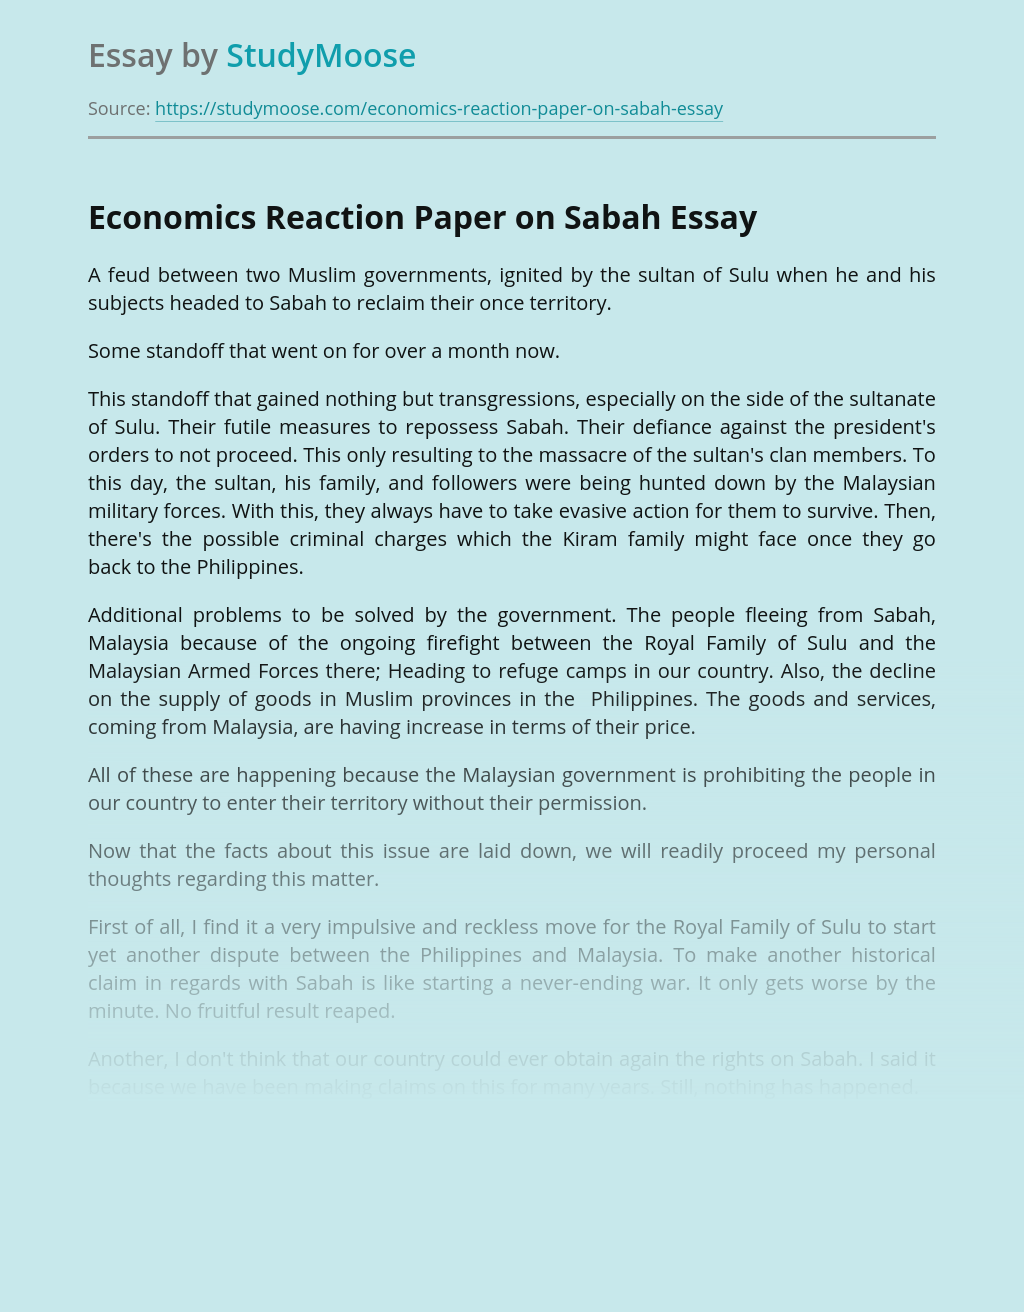 Economics Reaction Paper on Sabah